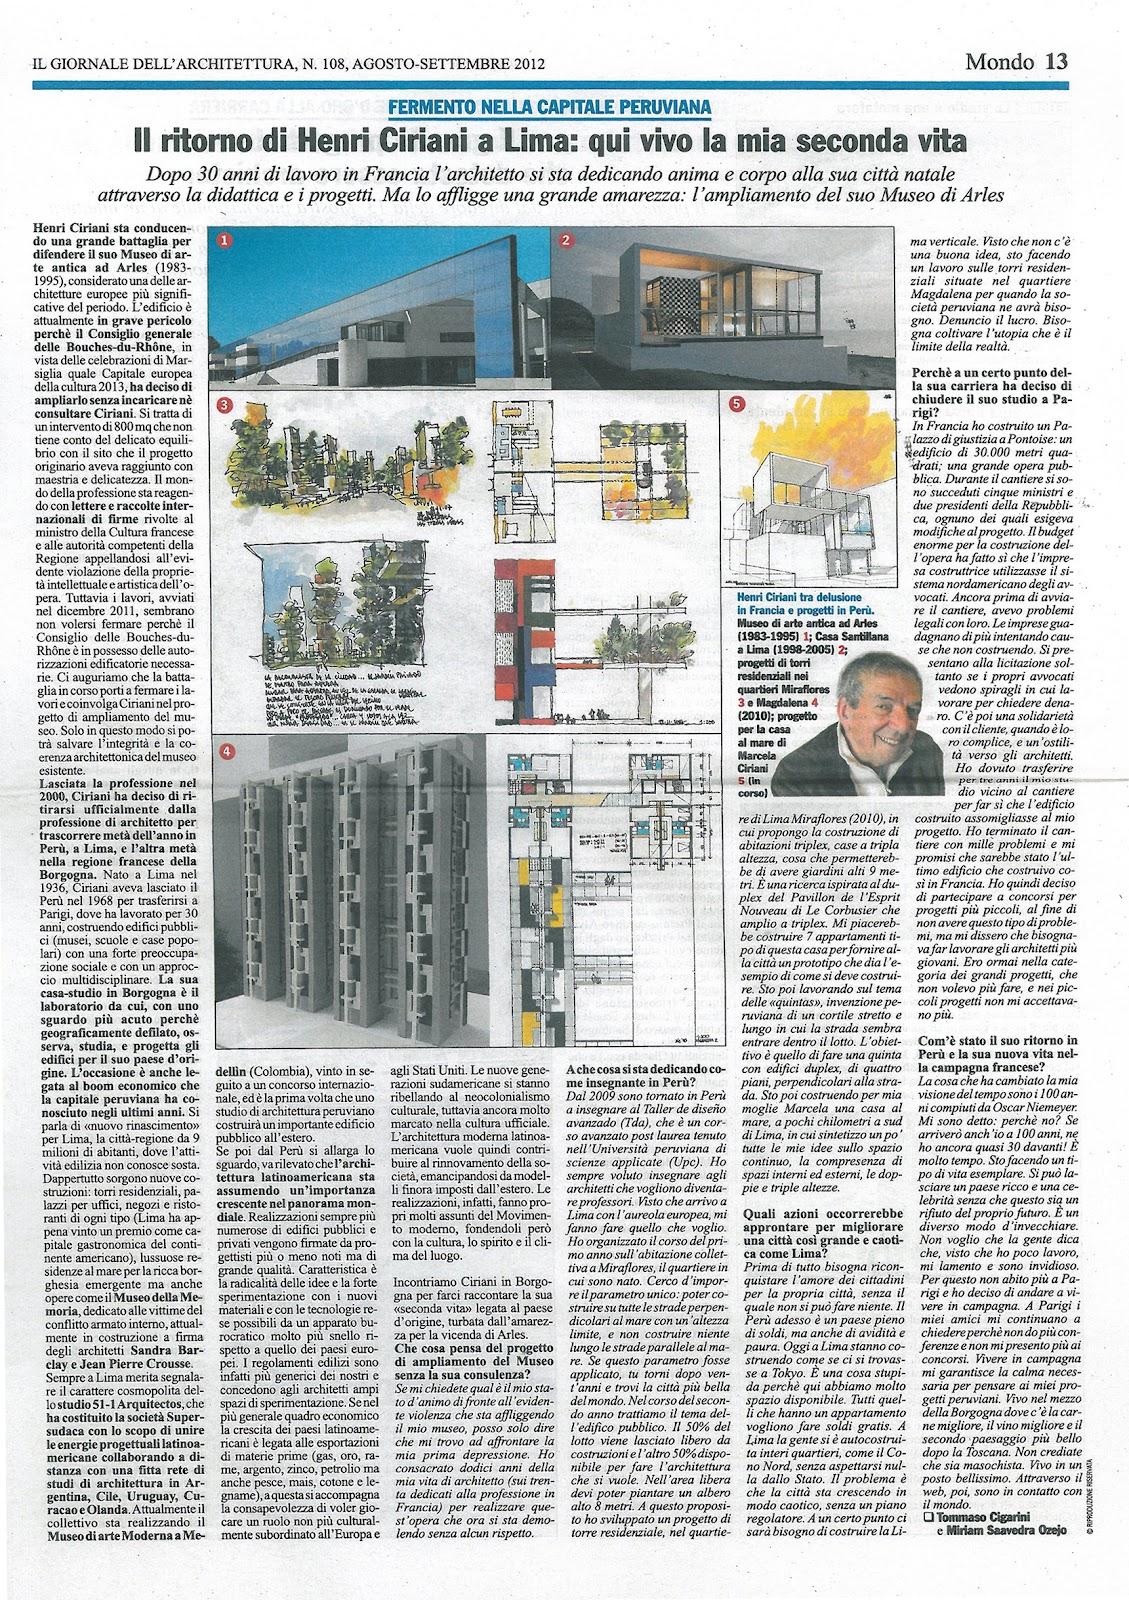 Henri ciriani il giornale dell 39 architettura 108 ag sep 2012 for Giornale architettura